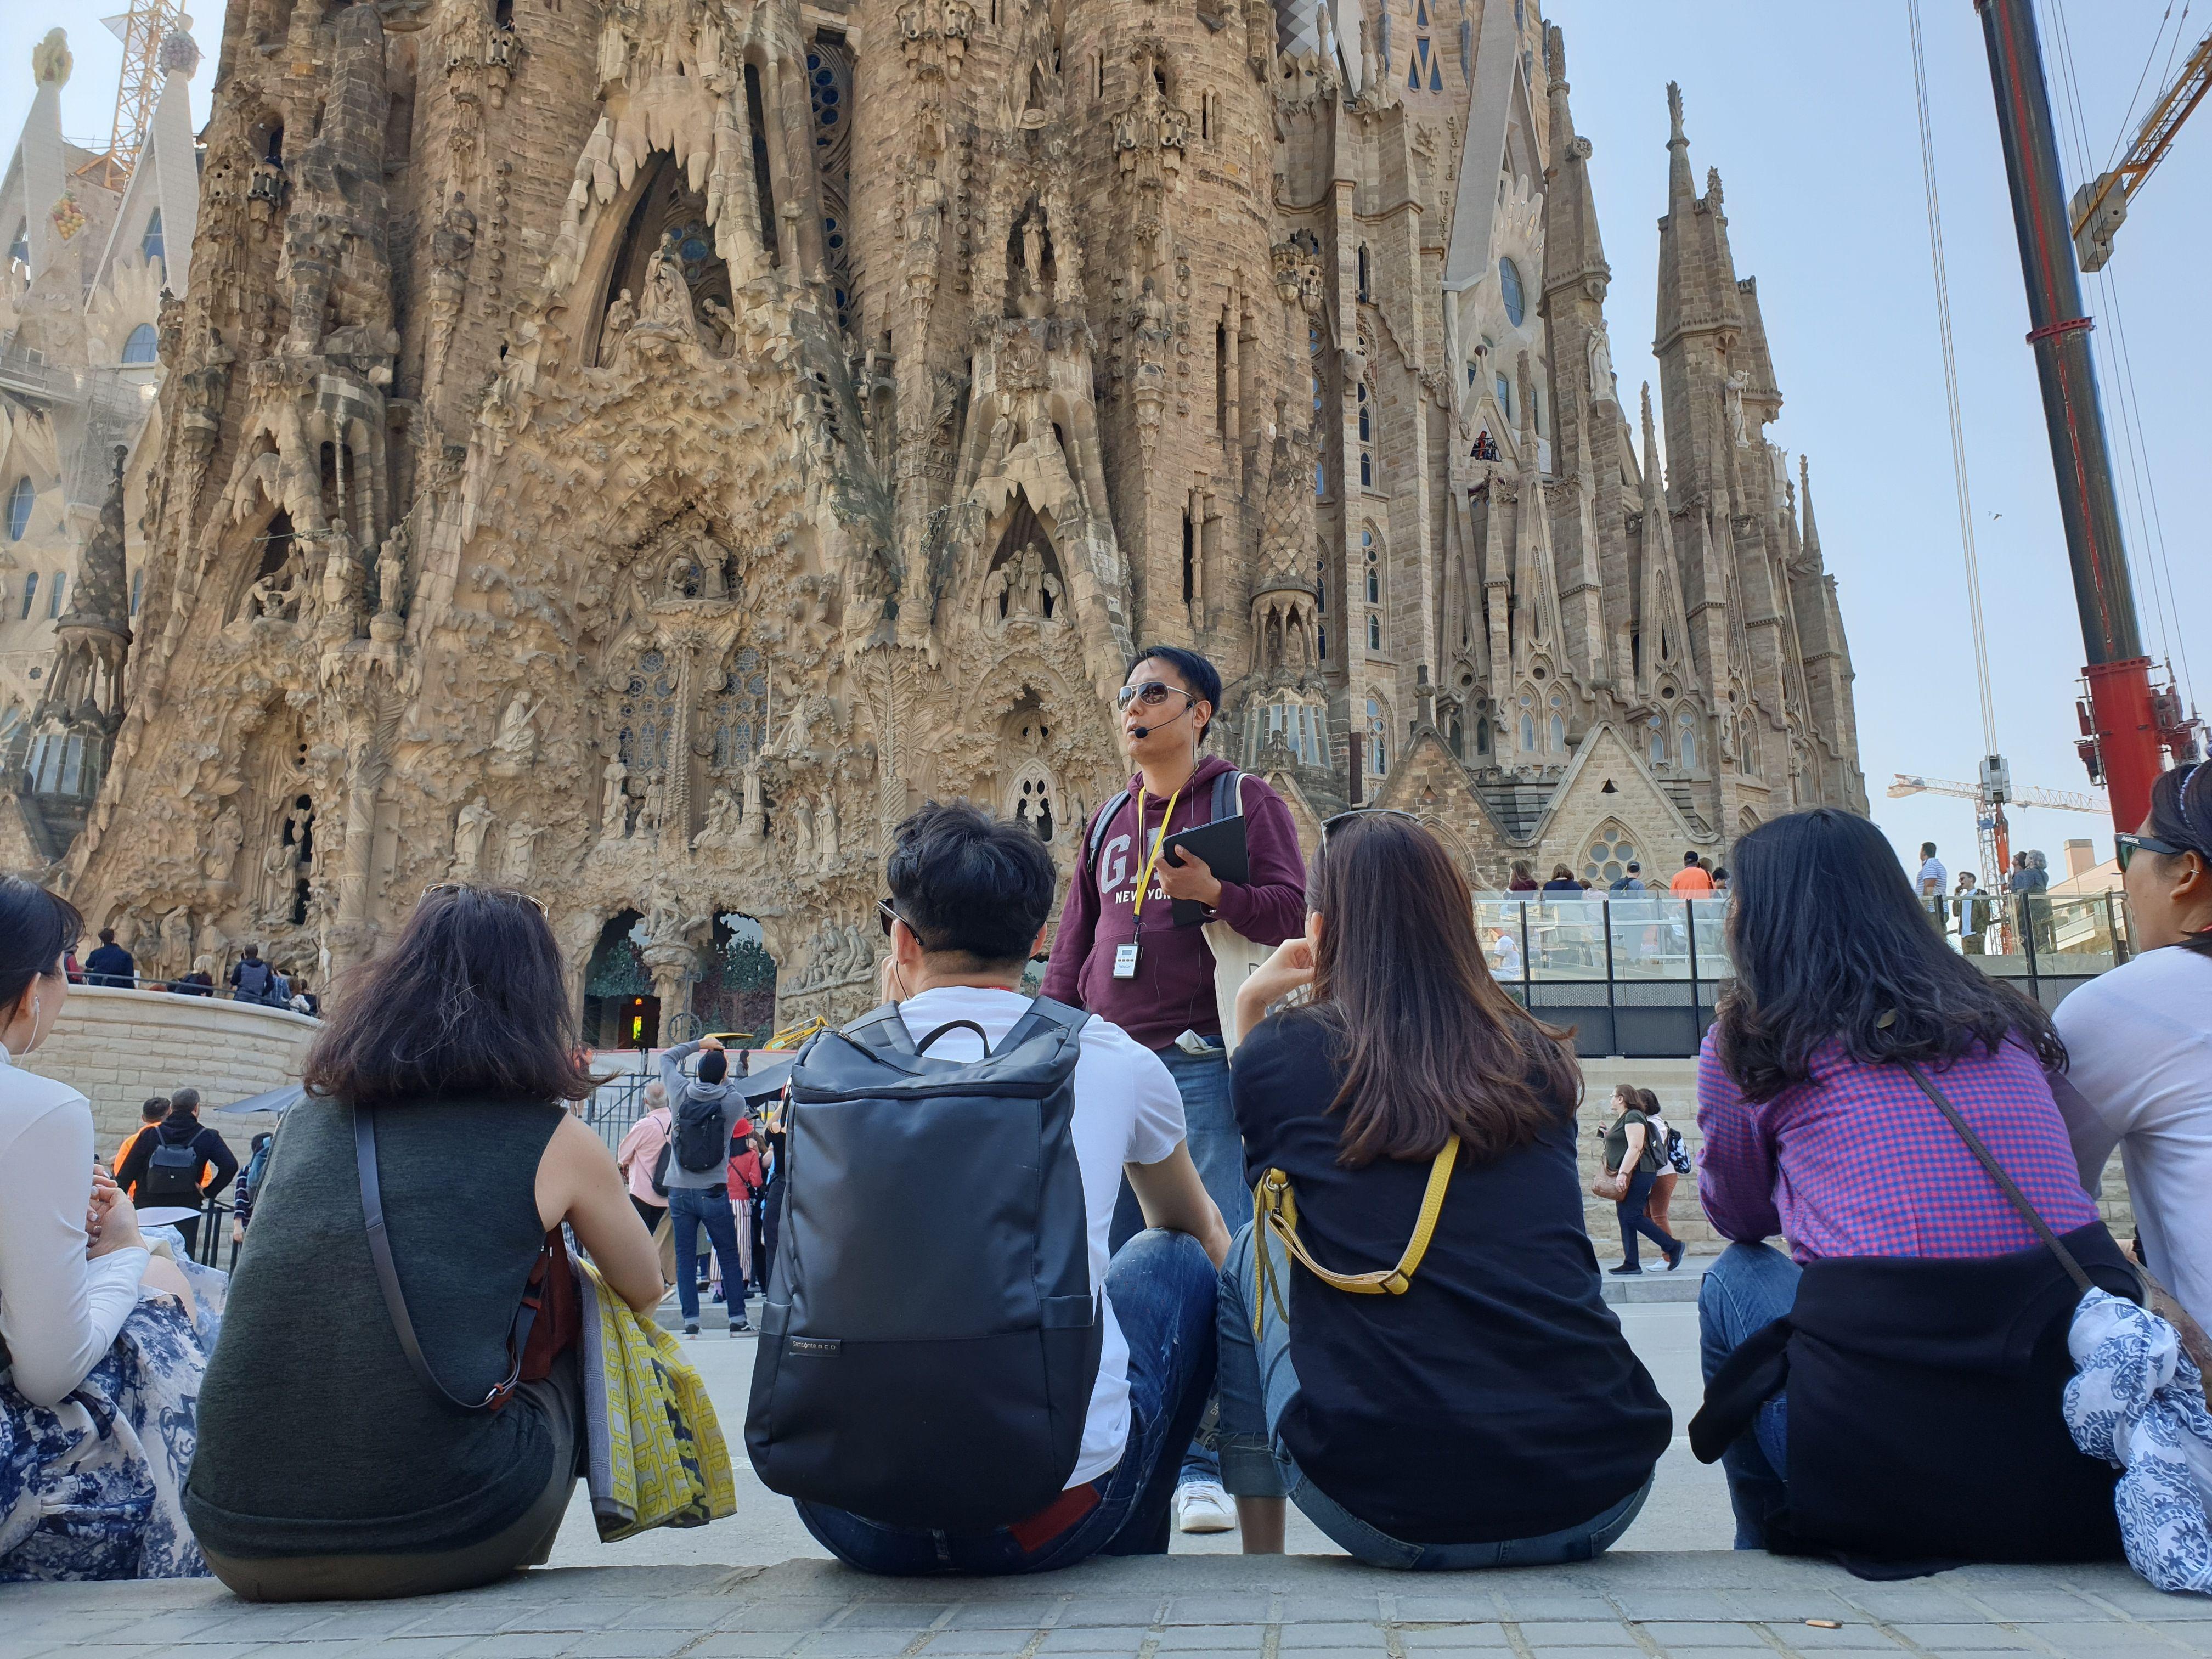 핵심투어 두근두근 바르셀로나 & 가우디 인문학투어